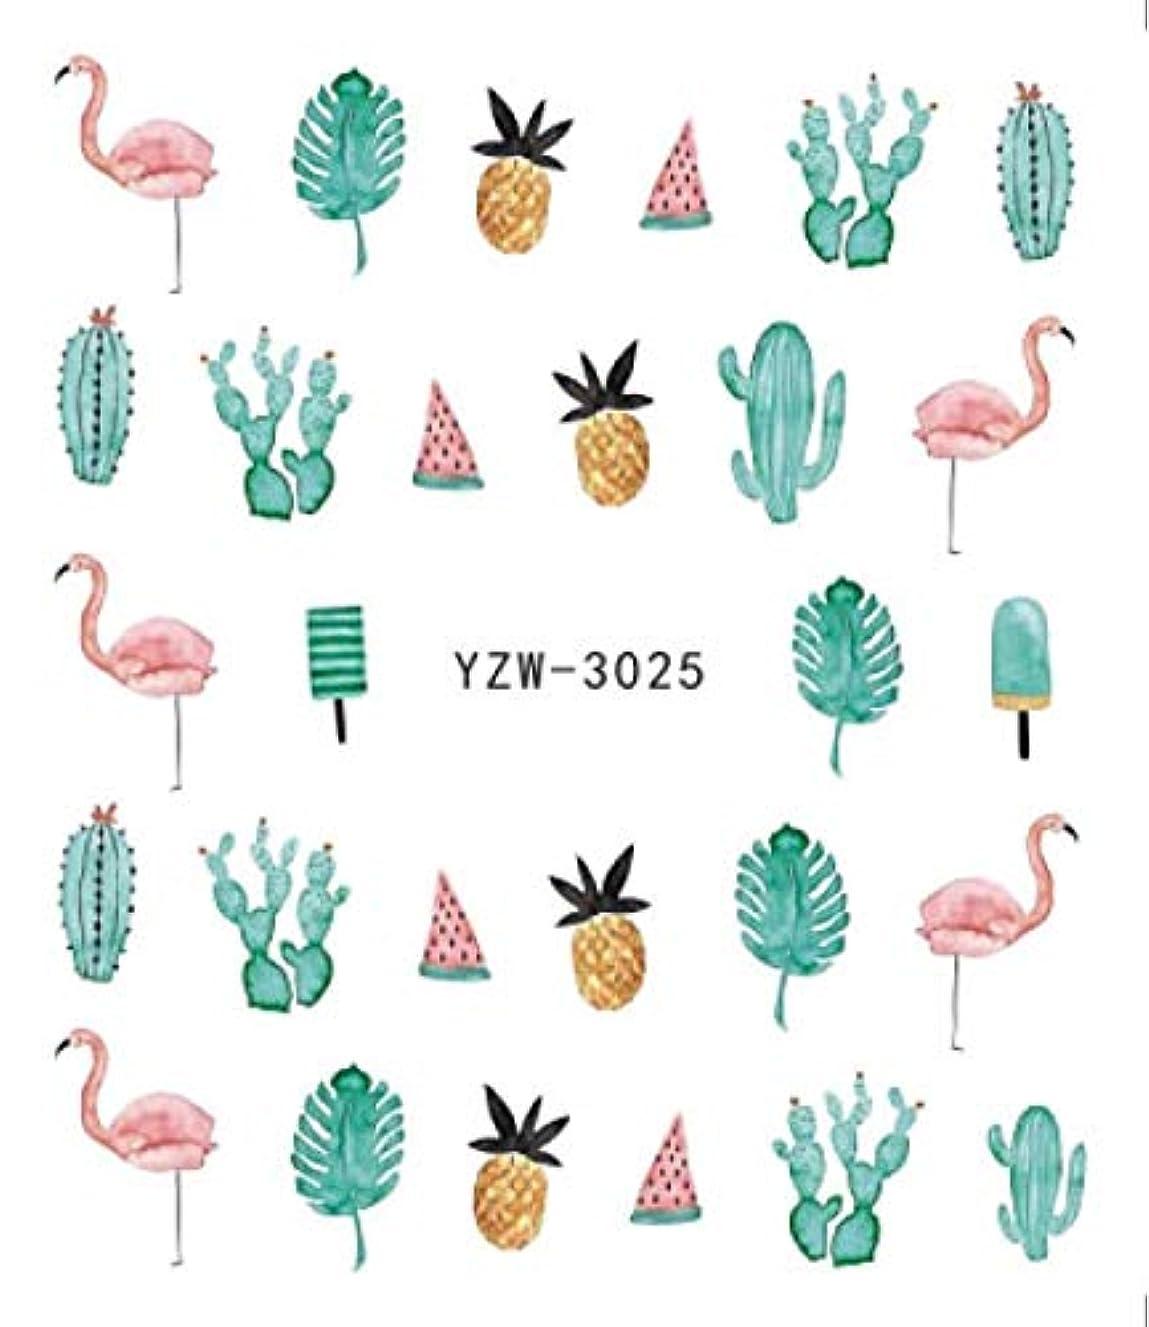 キモいのためにぎやかSUKTI&XIAO ネイルステッカー 甘いフルーツネイルアート水転写ステッカーネイルデコレーションセット女性メイクアップdiy美容入れ墨ツール、Yzw-3025